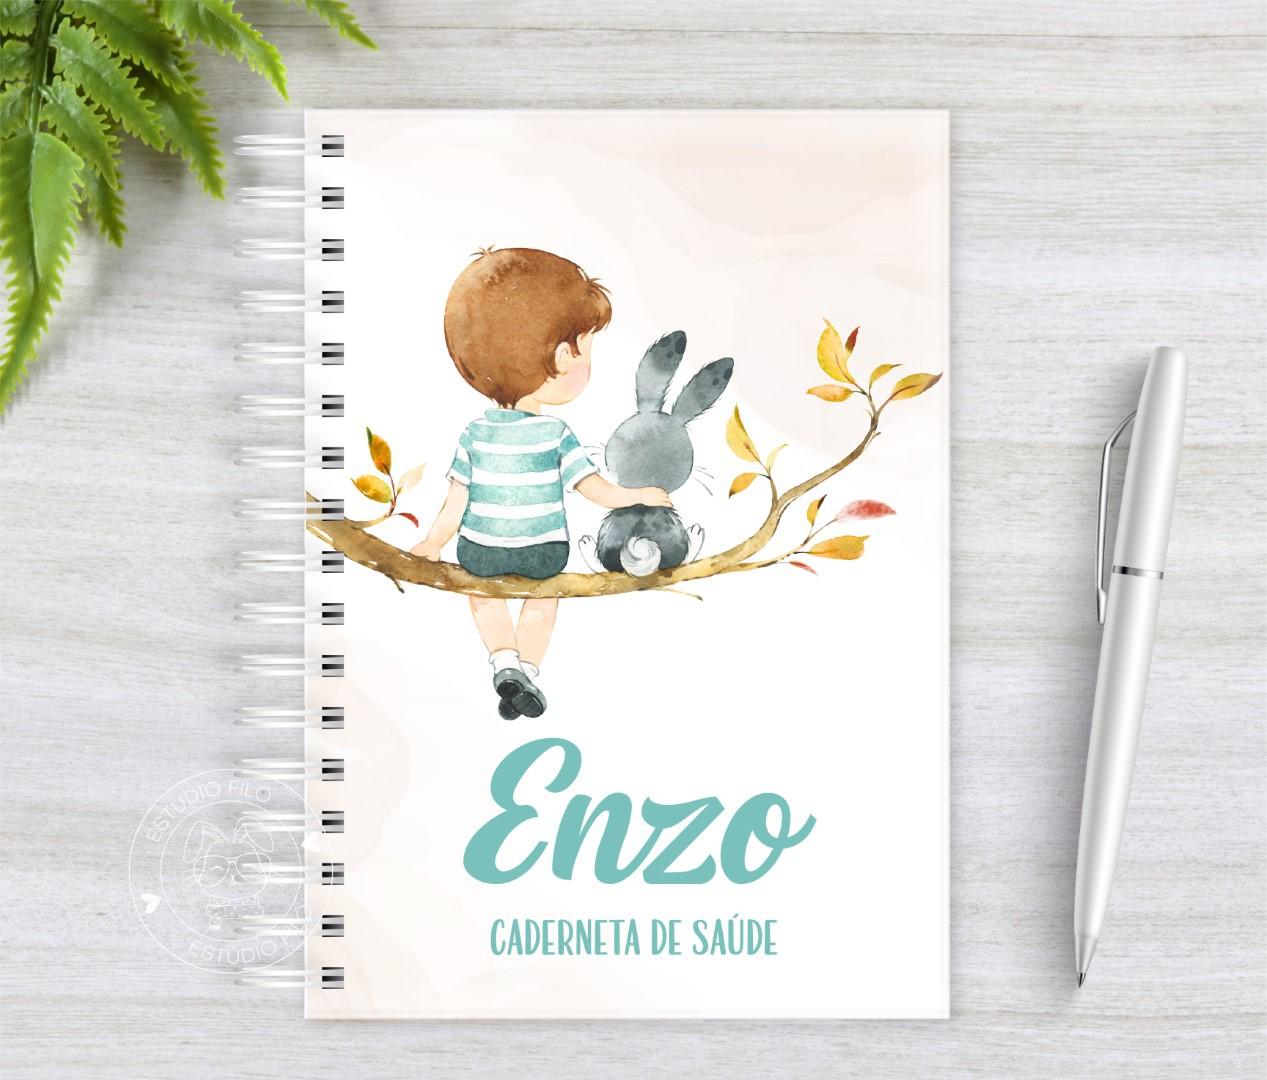 Caderneta de vacinação menino 2020